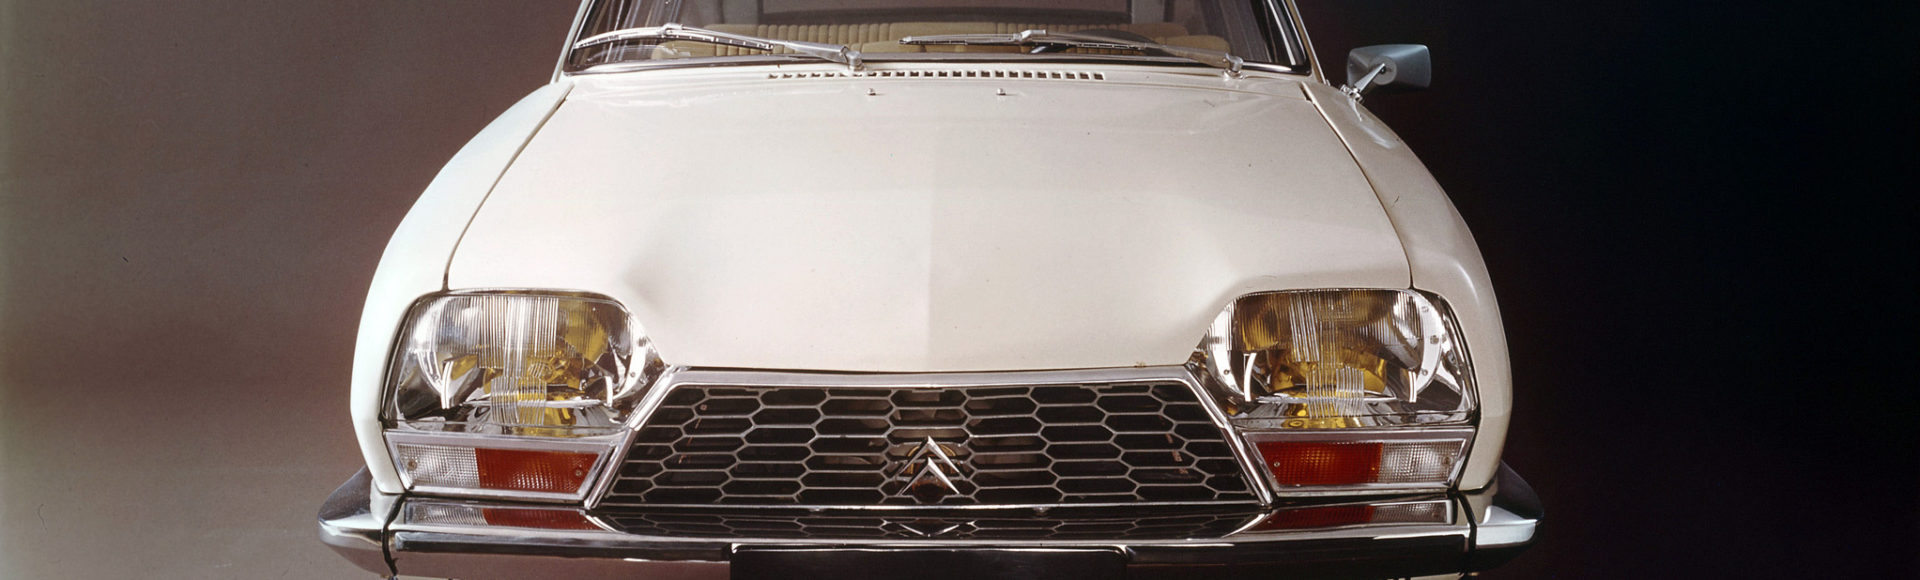 Citroën GS : l'excellence au quotidien